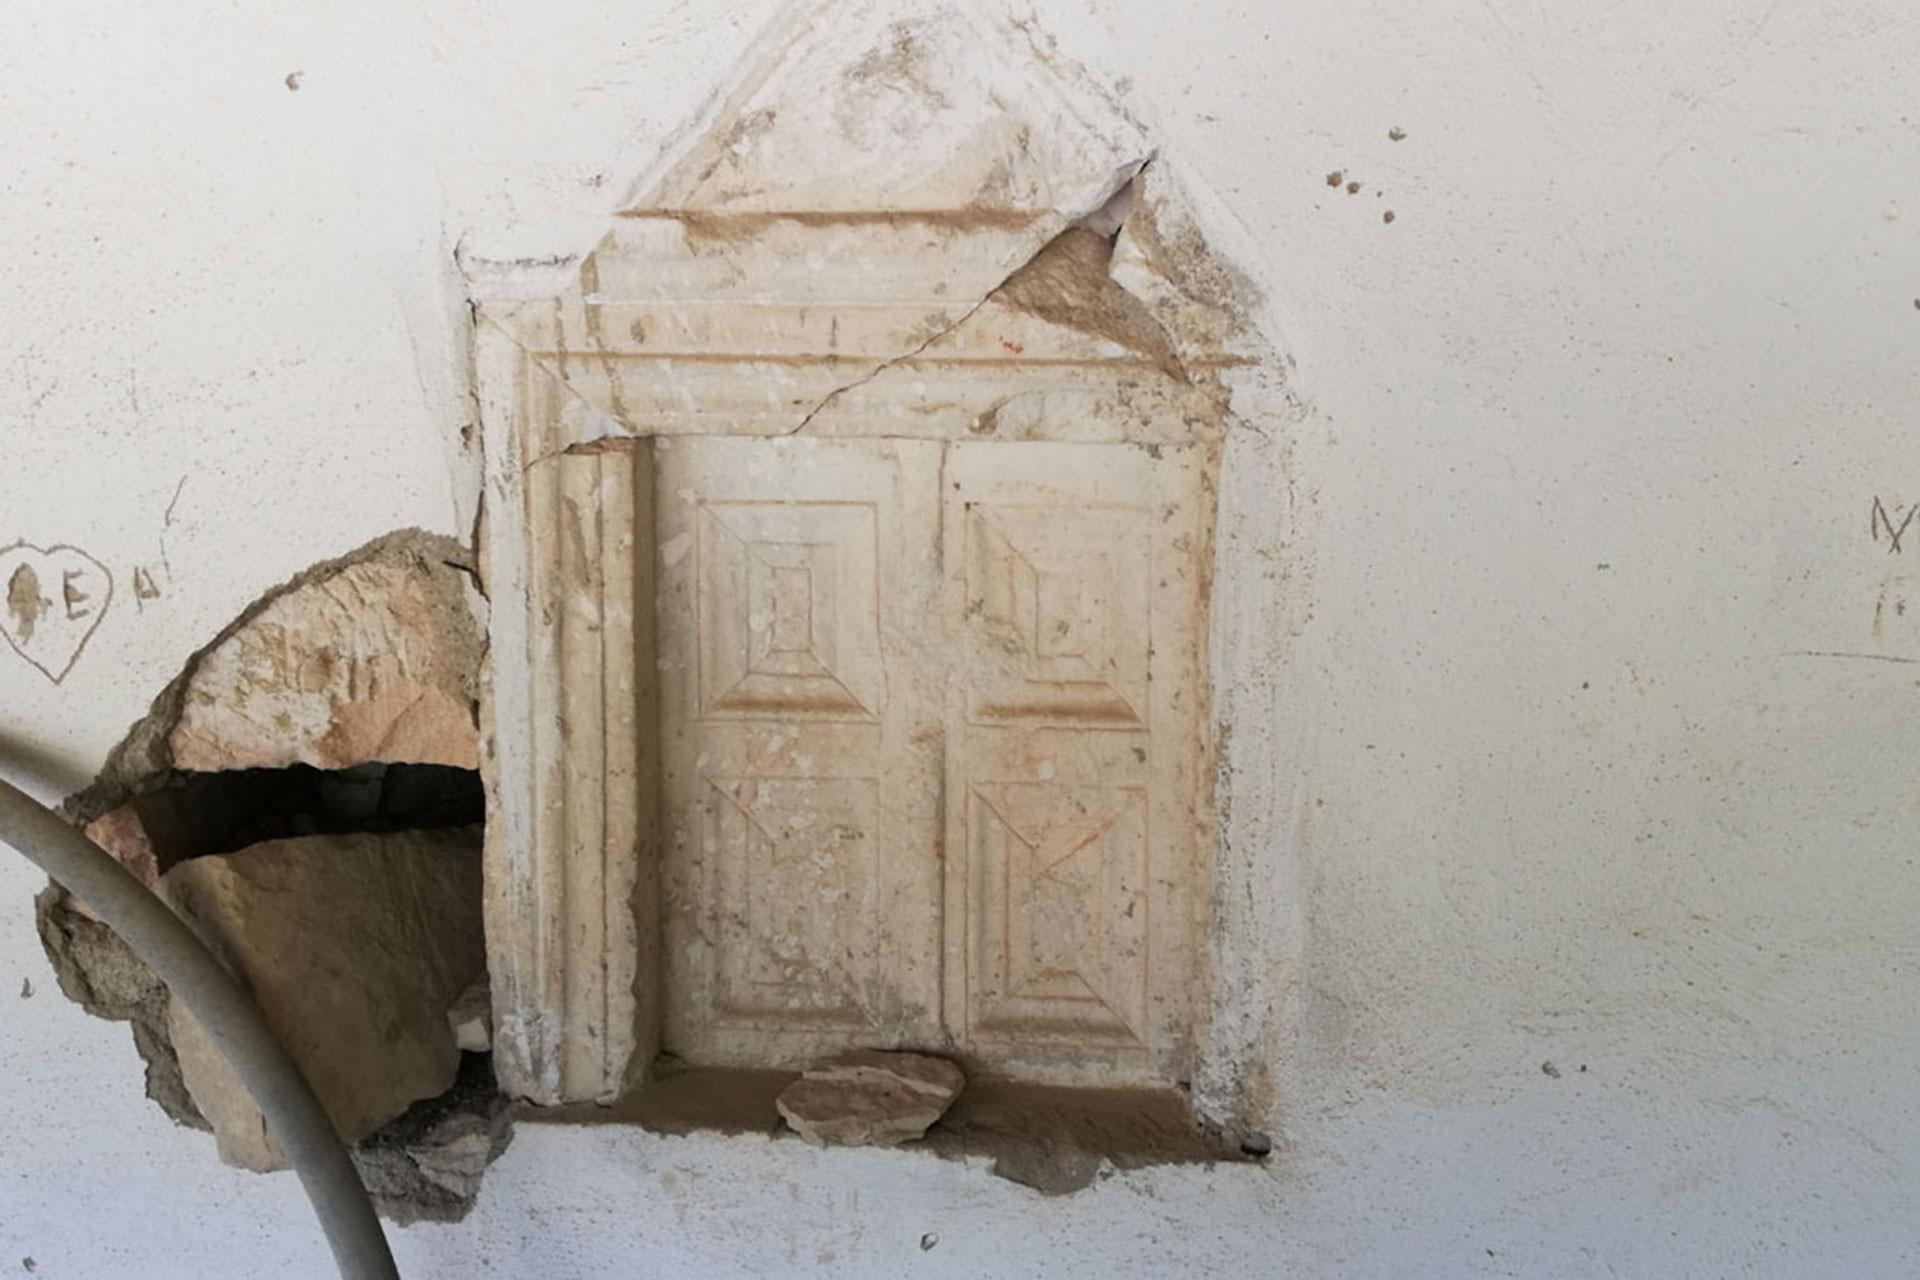 Bizans dönemine ait olduğu düşünülen eserler tahrip ediliyor